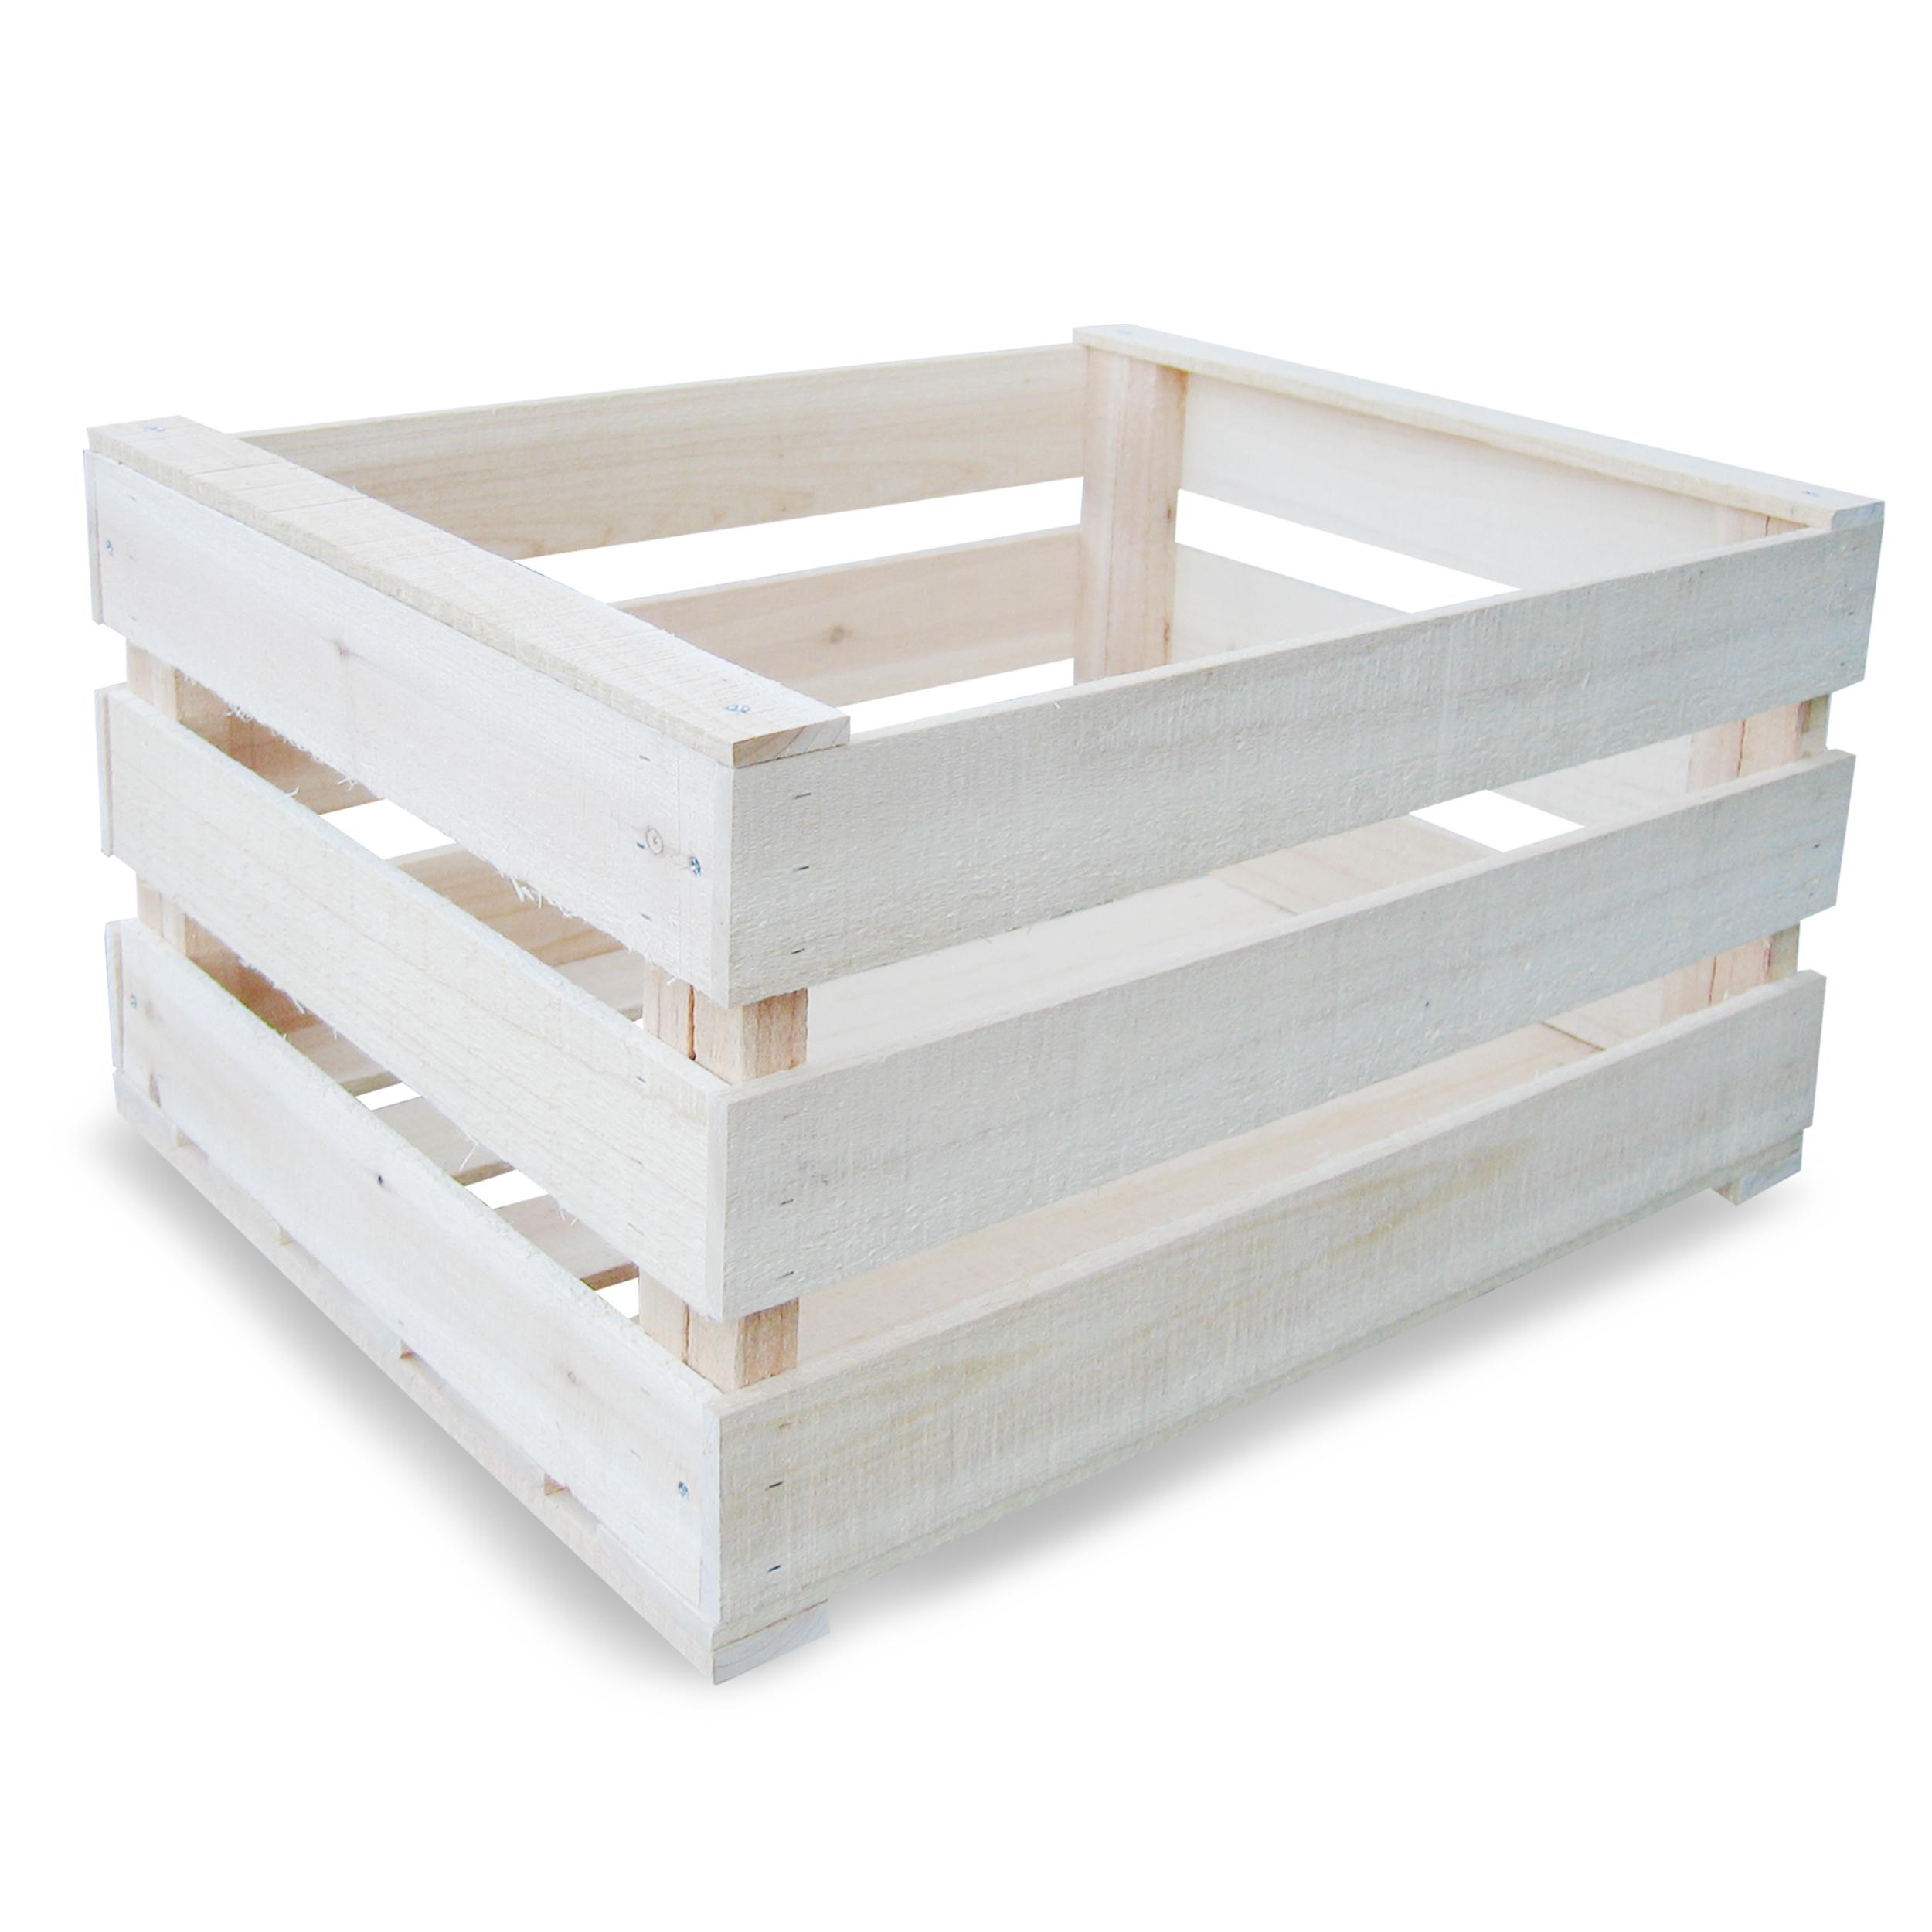 HABAU Holzkiste 619 - 50 x 39 x 28 cm - montiert